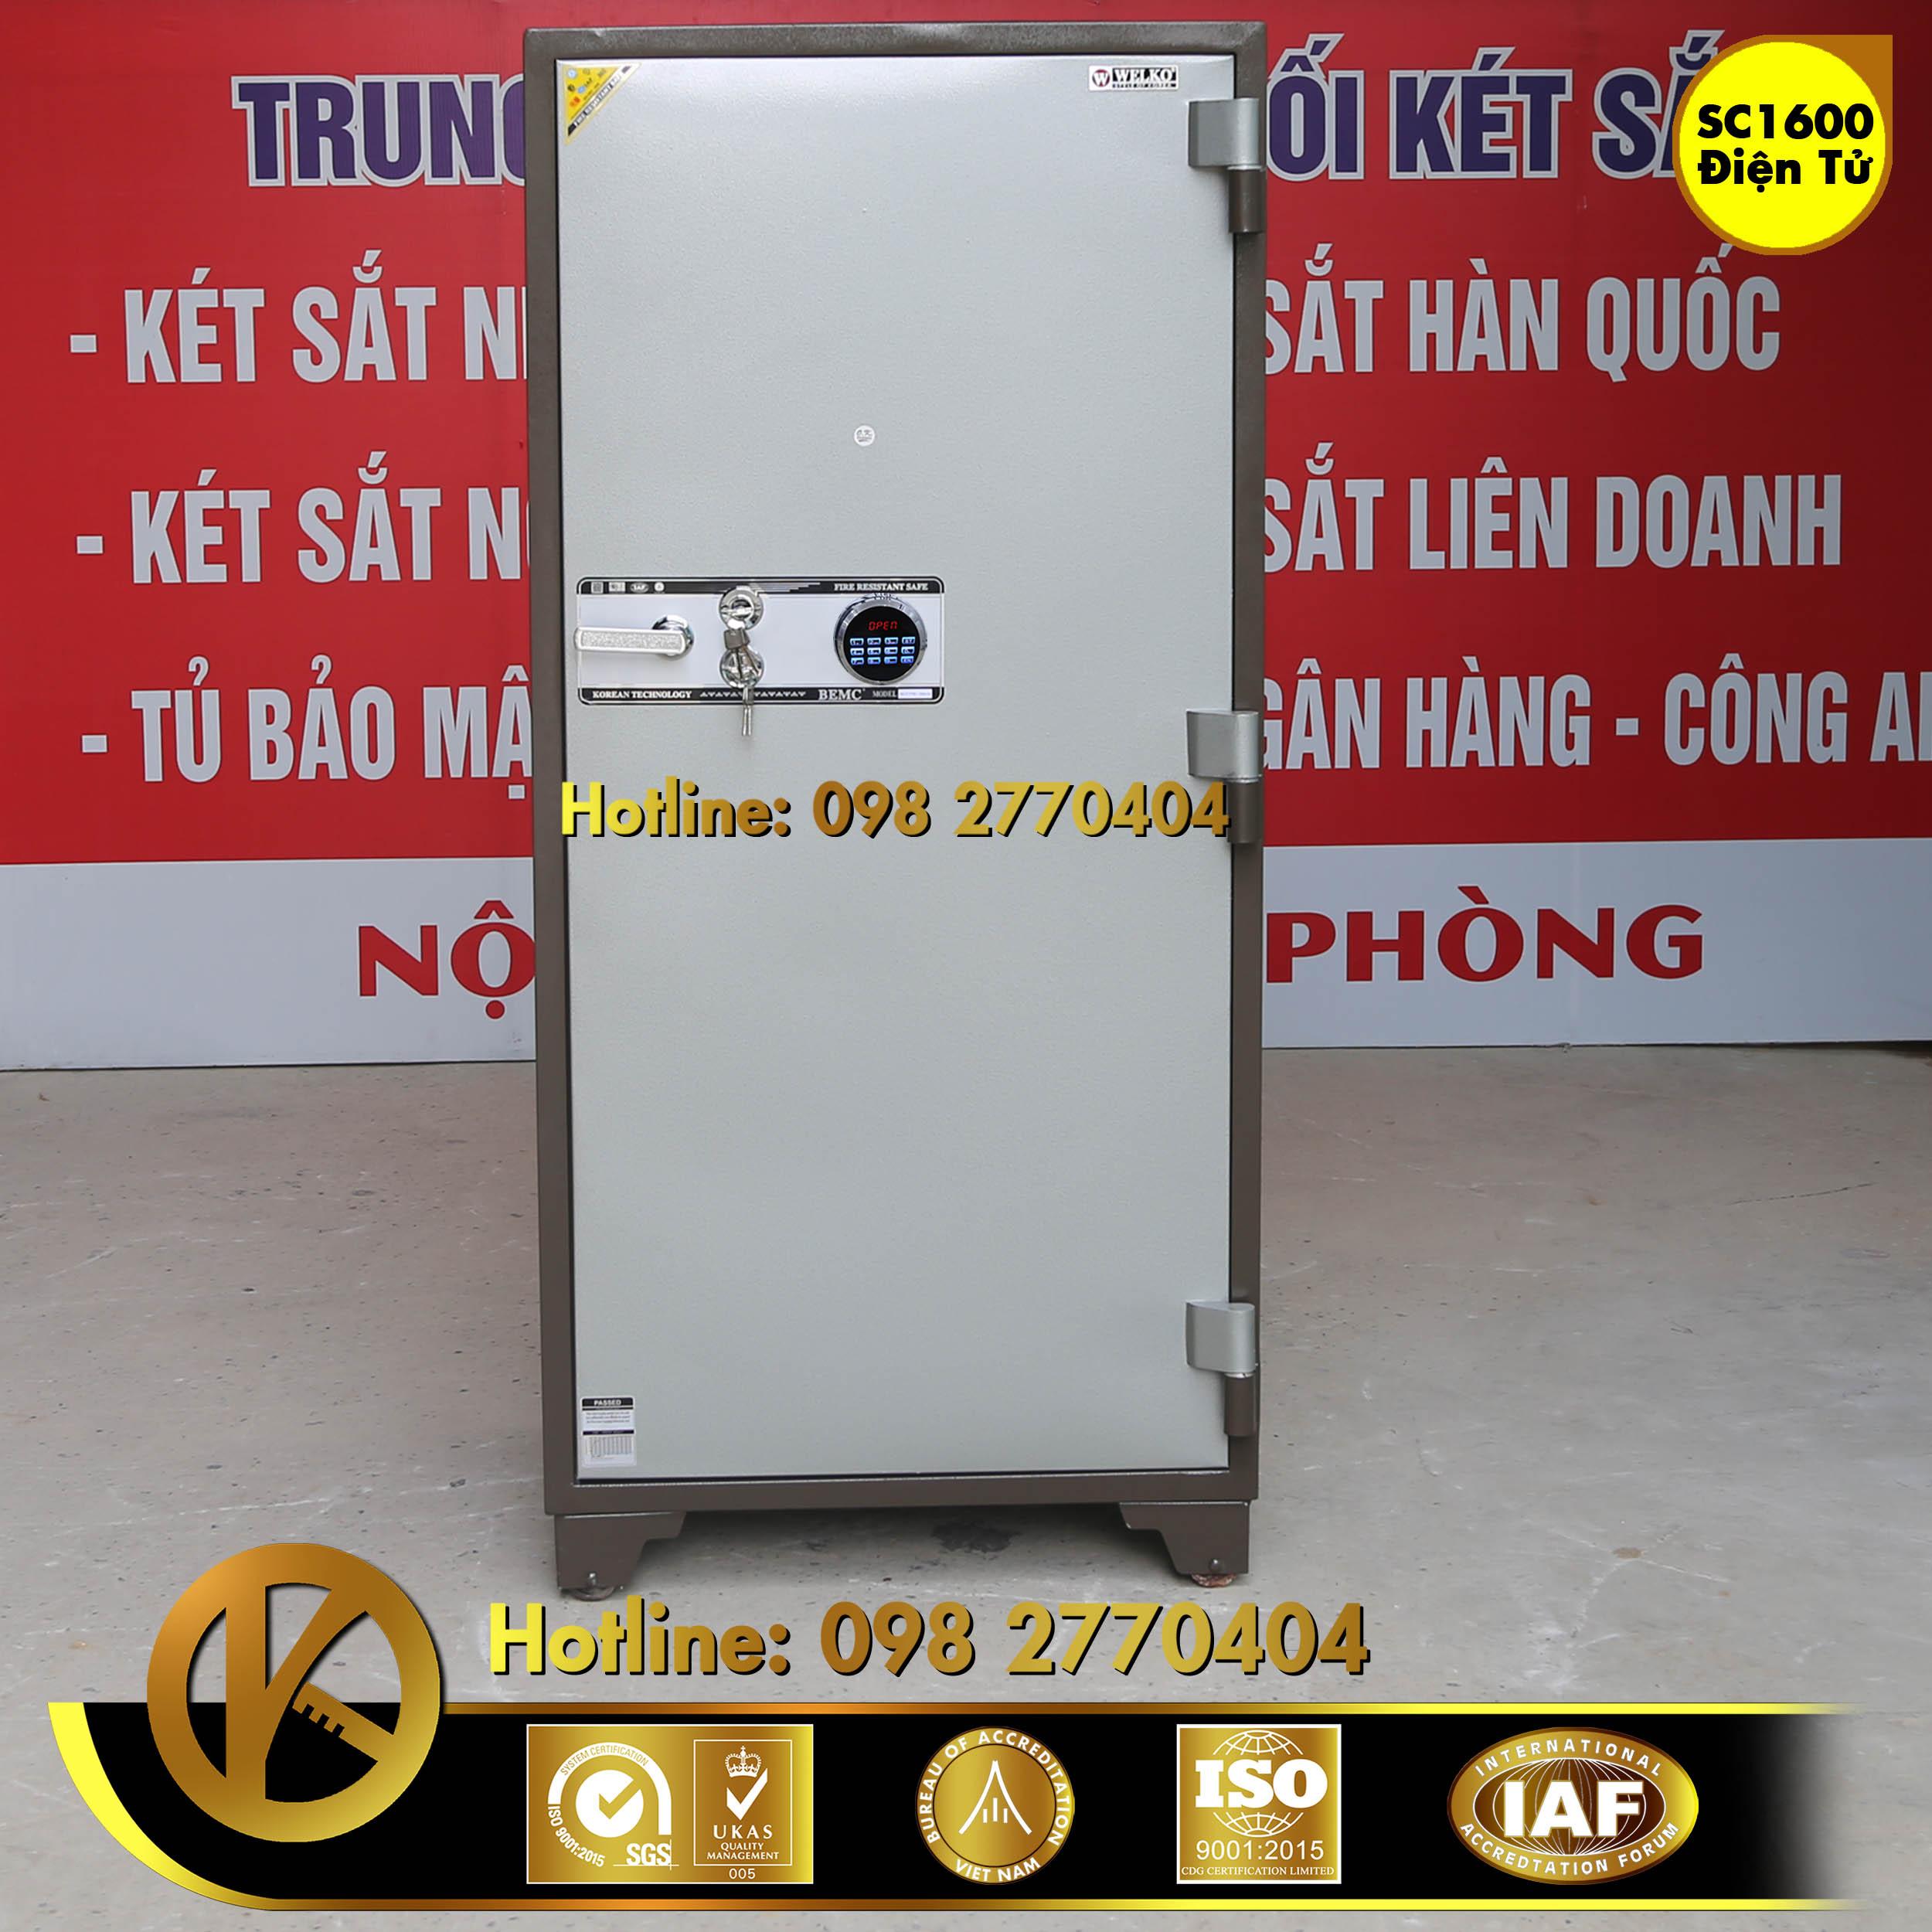 Két Sắt Ngân Hàng BEMC SC1600 điện tử